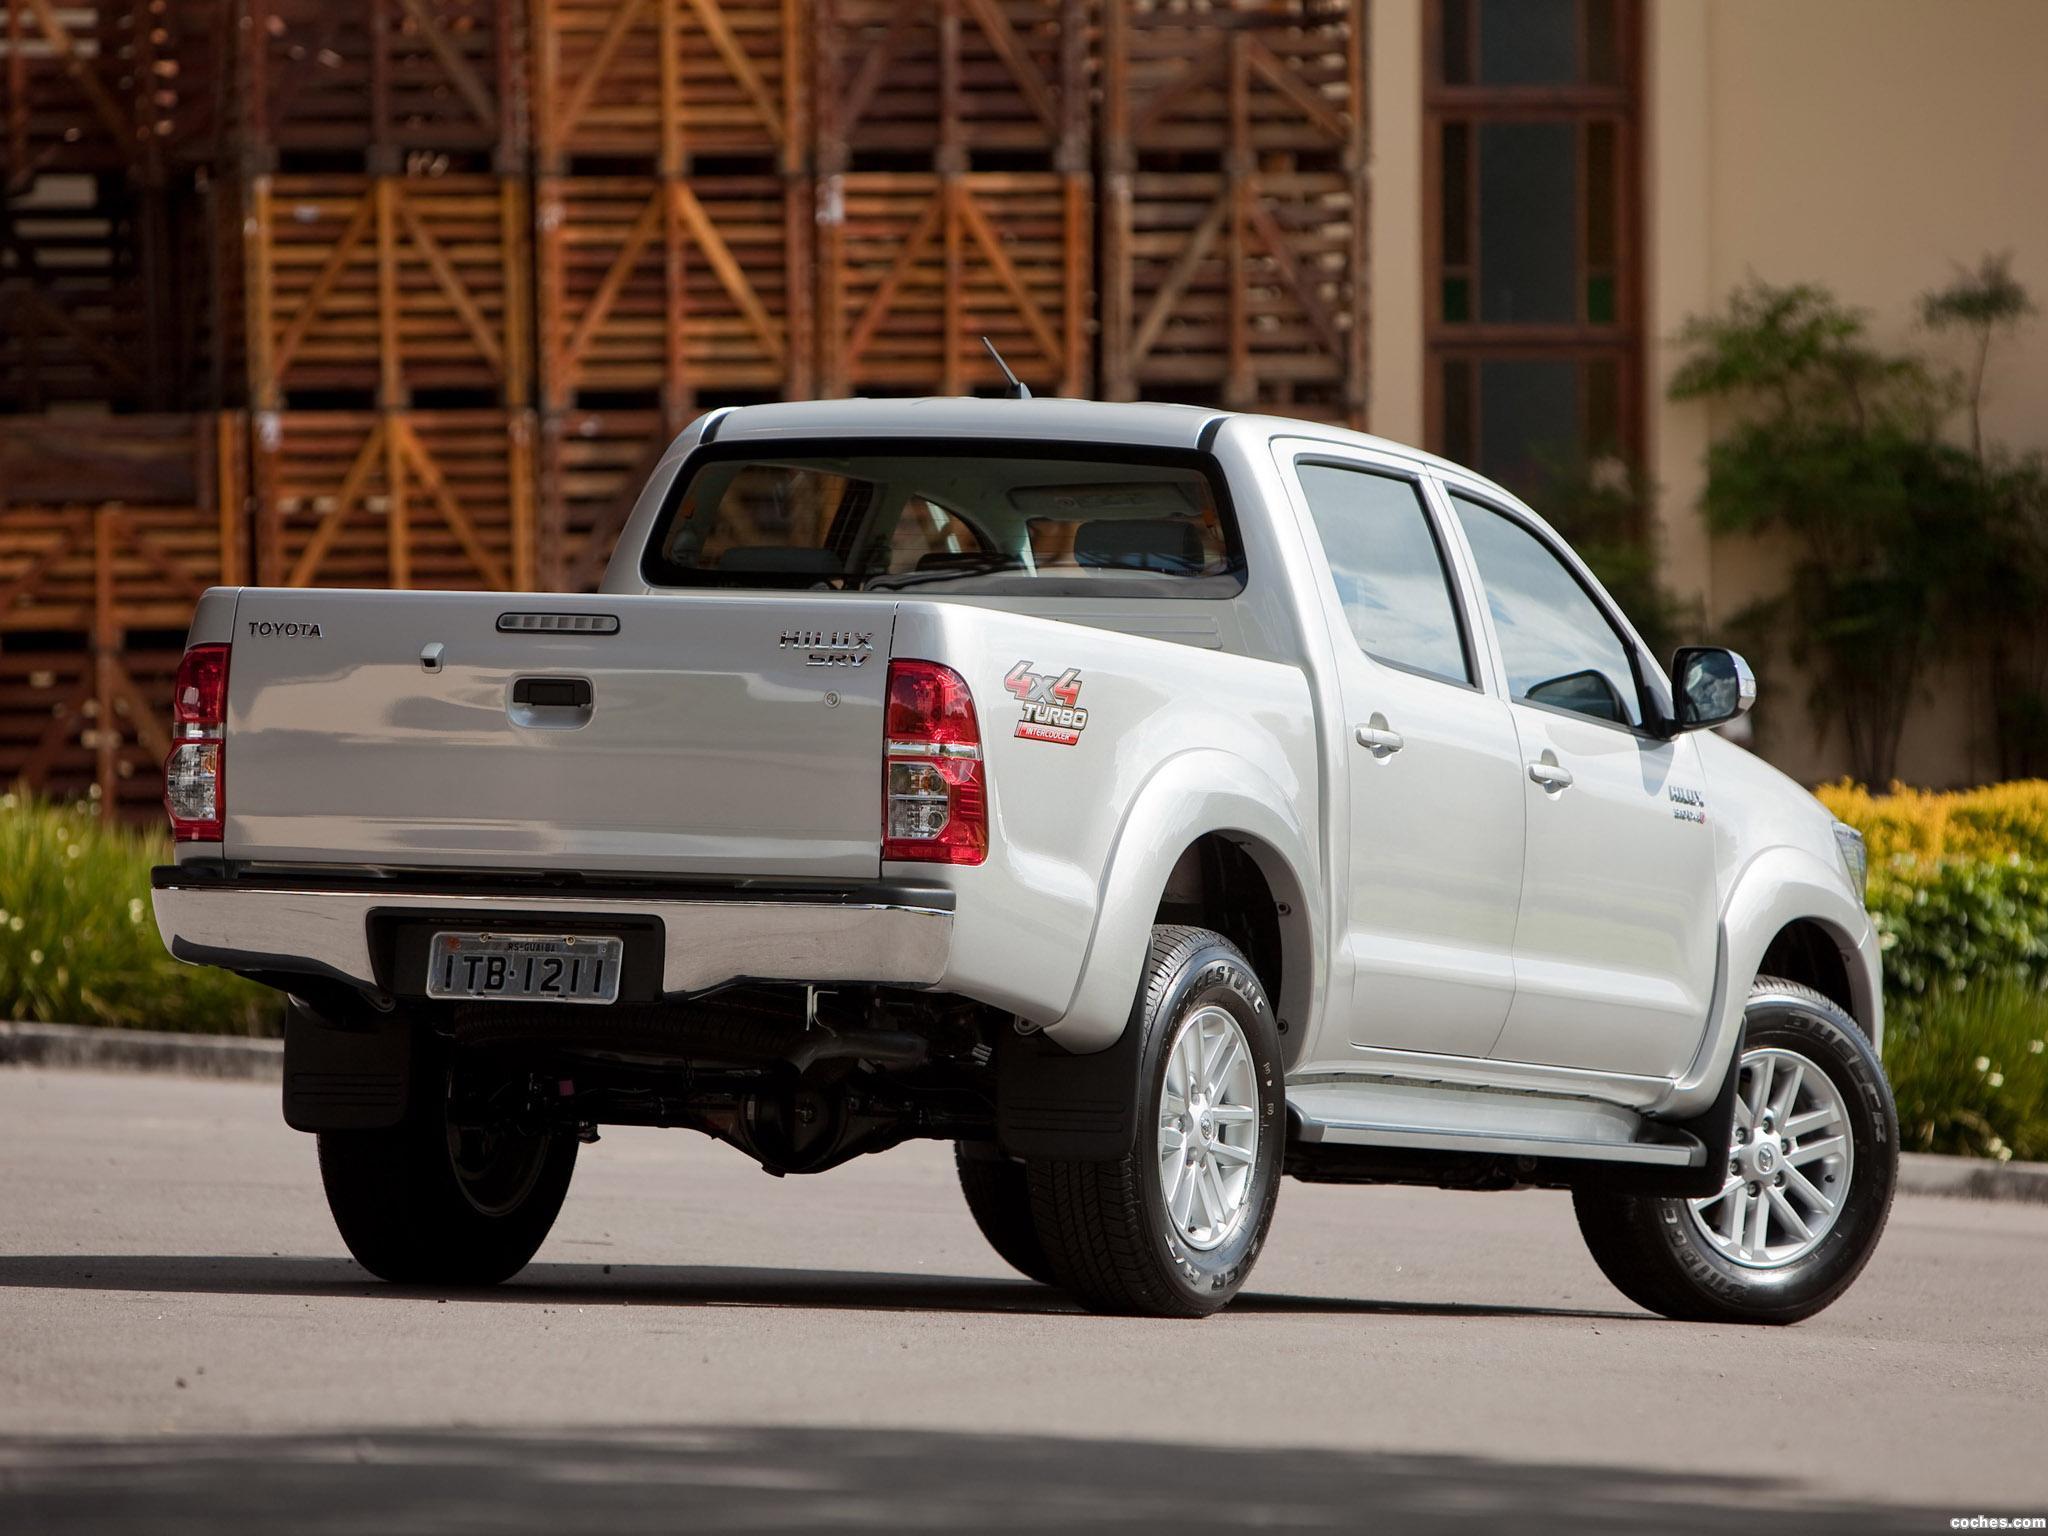 Foto 2 de Toyota Hilux SRV Double Cab 4x4 2012